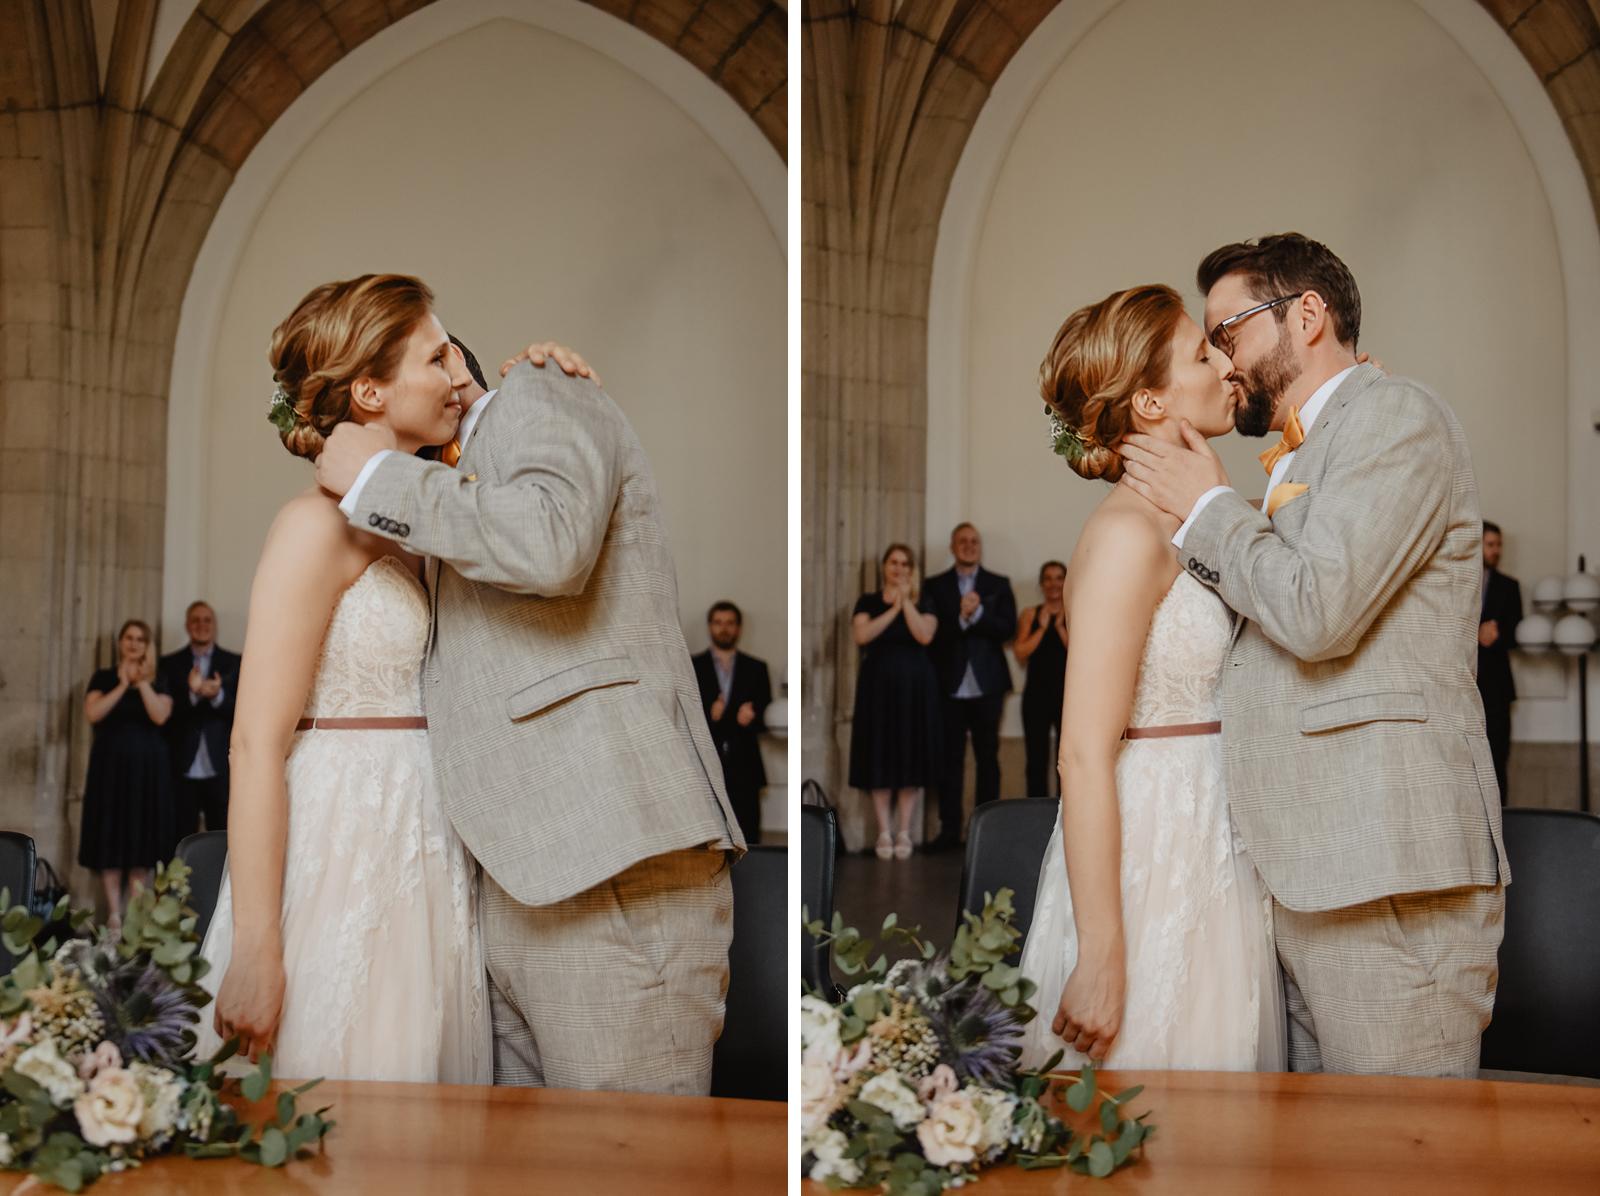 Hochzeitsreportage von Hanna & Christian in Koeln